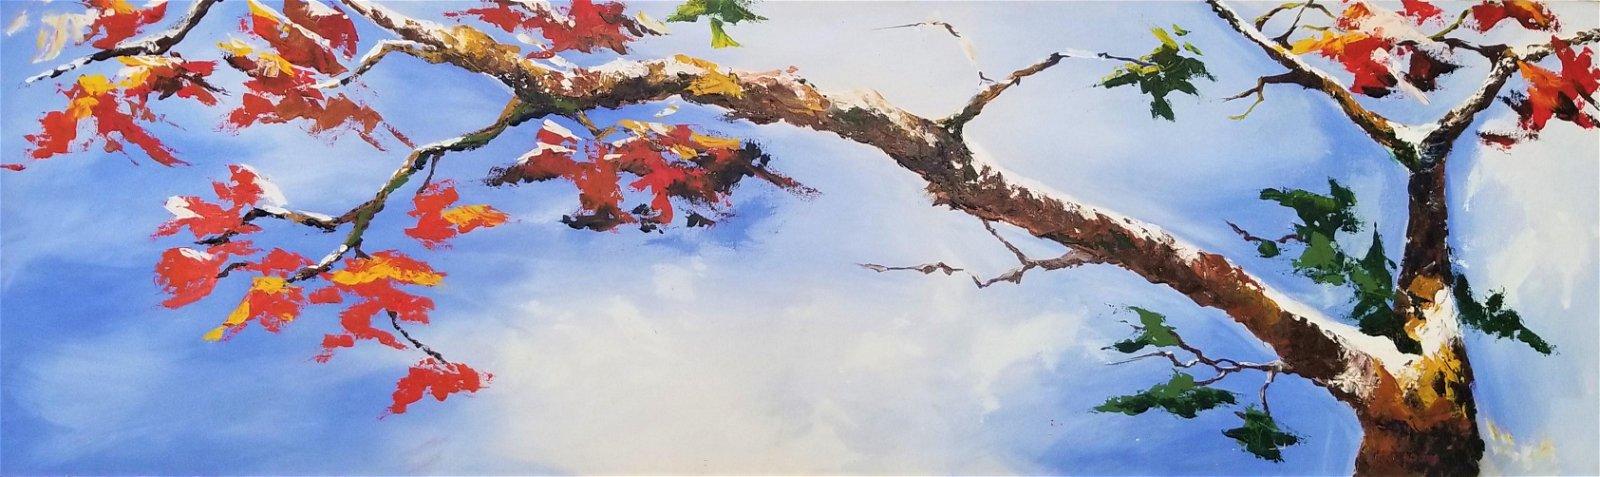 Original Acrylic Painting On Canvas Patricia Uribe